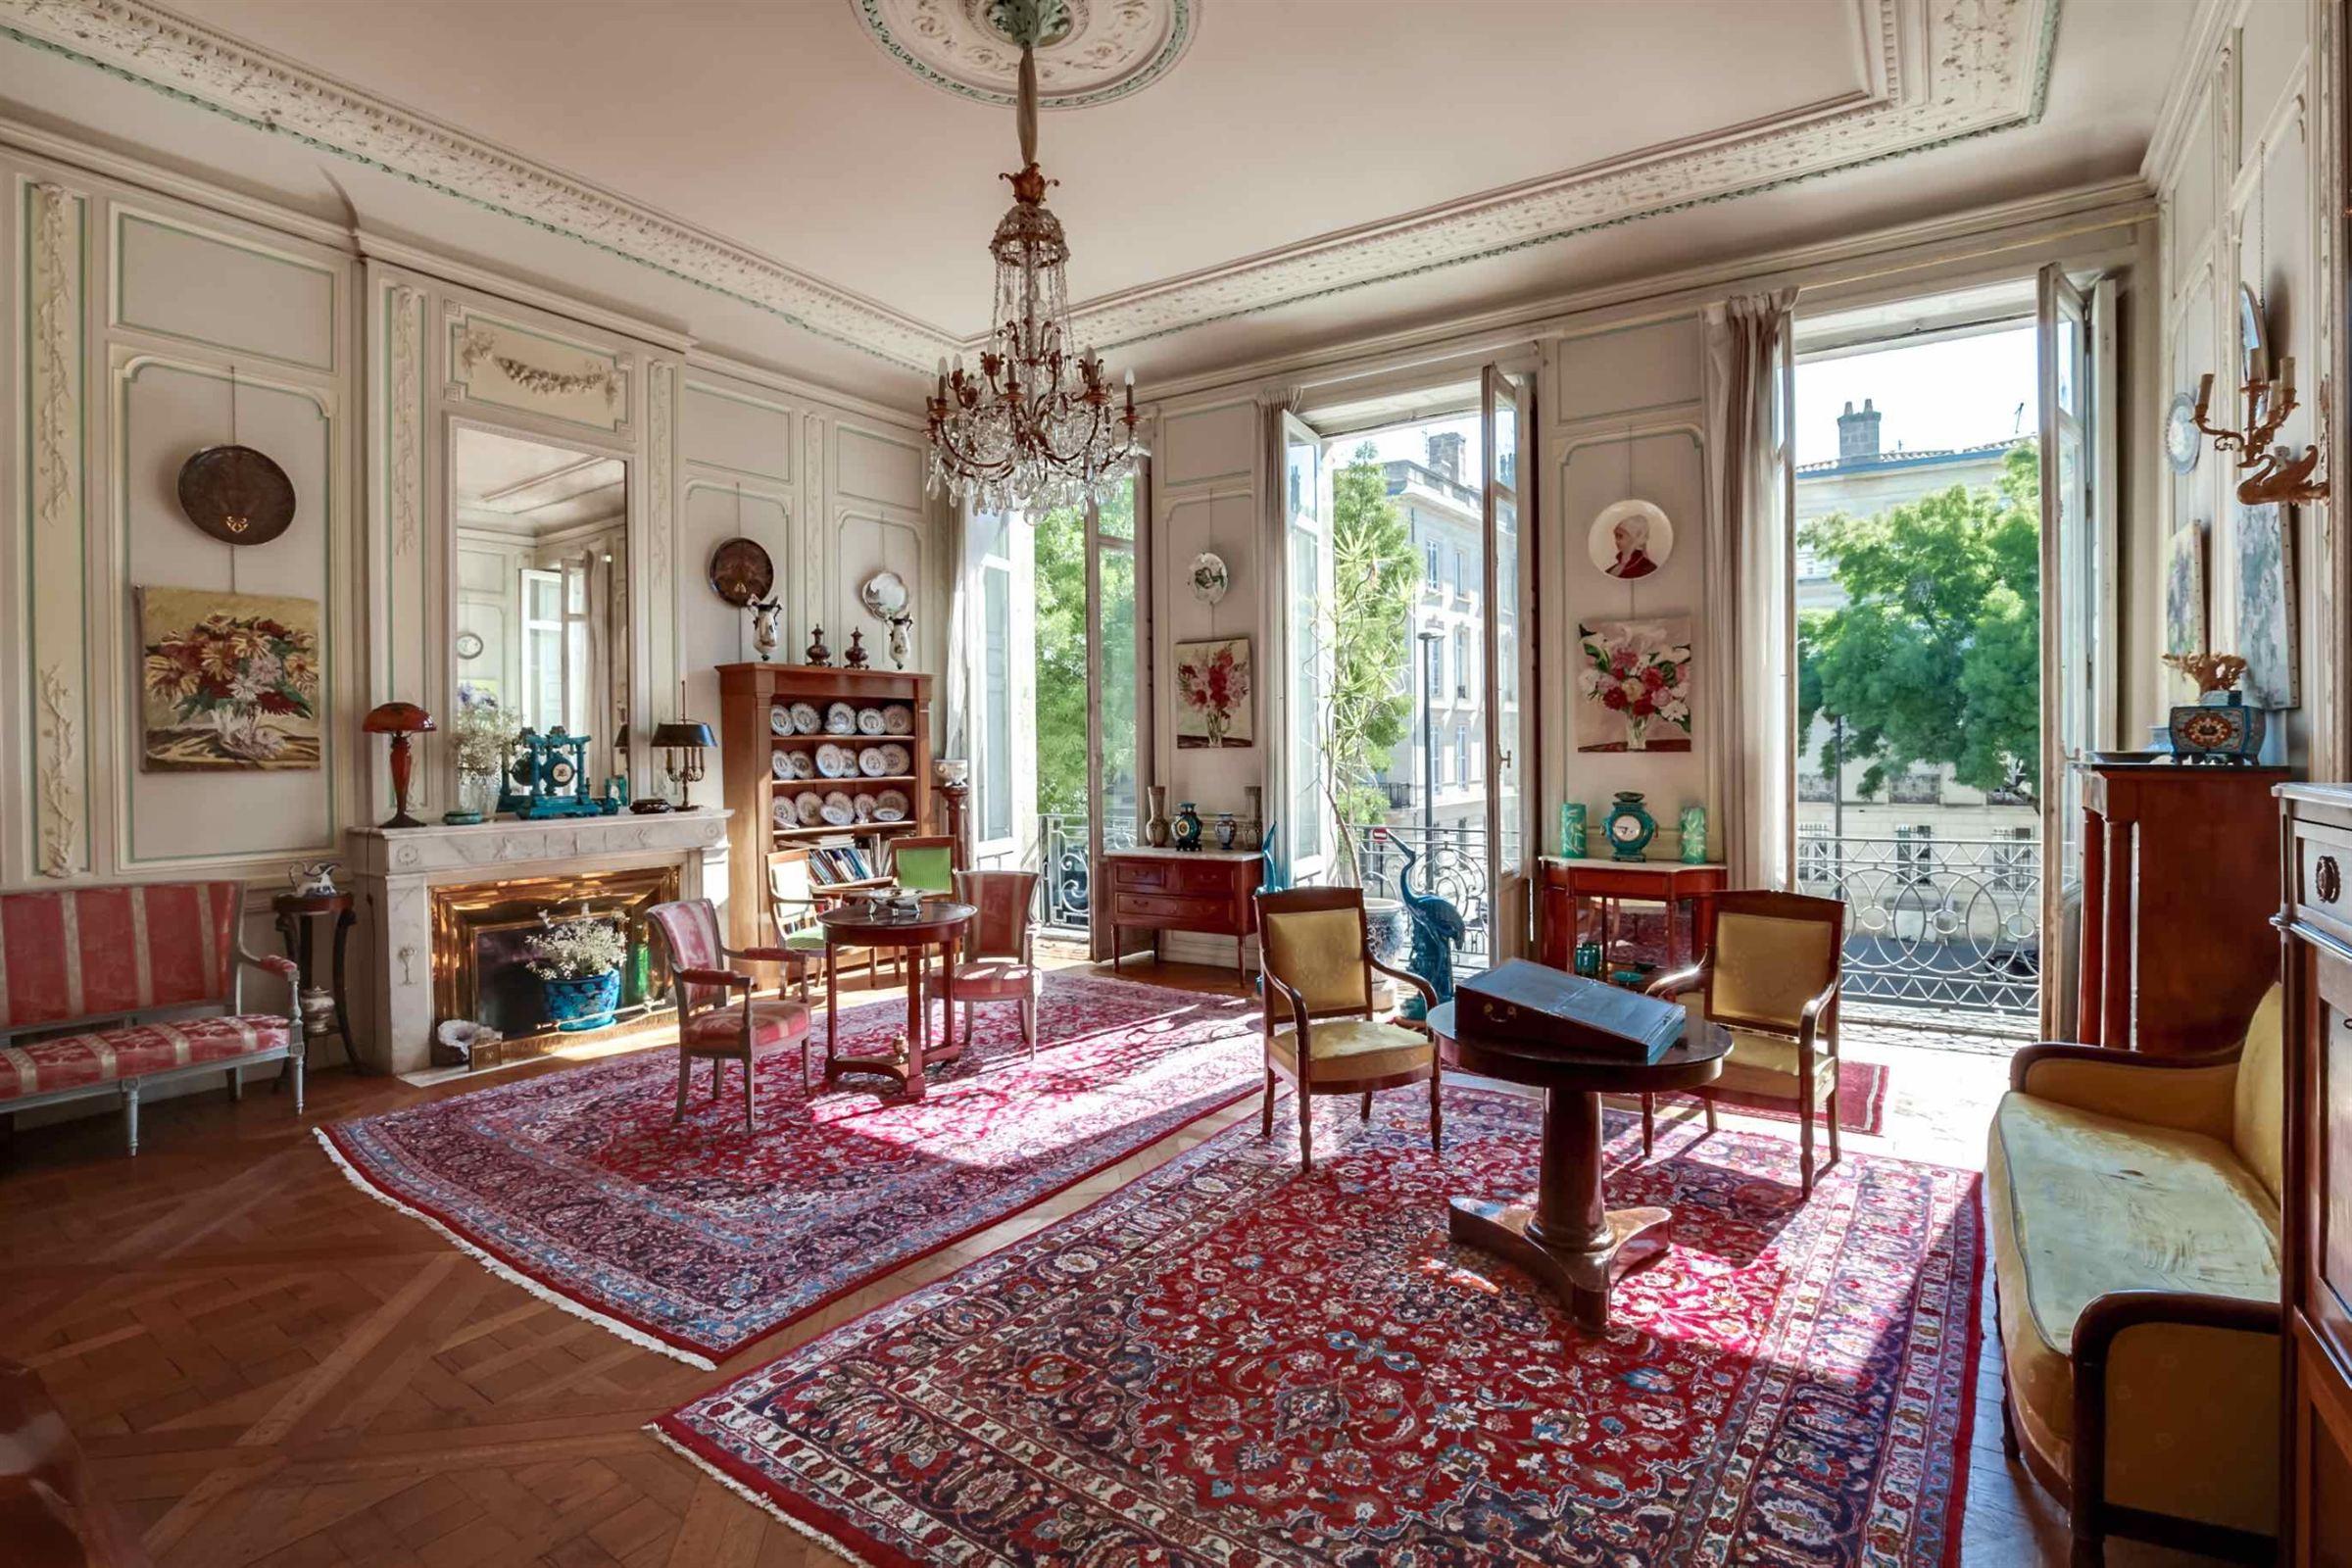 Wohnung für Verkauf beim BORDEAUX - PUBLIC GARDEN - 220sqm - TERACE - PATIO Bordeaux, Aquitanien, 33000 Frankreich